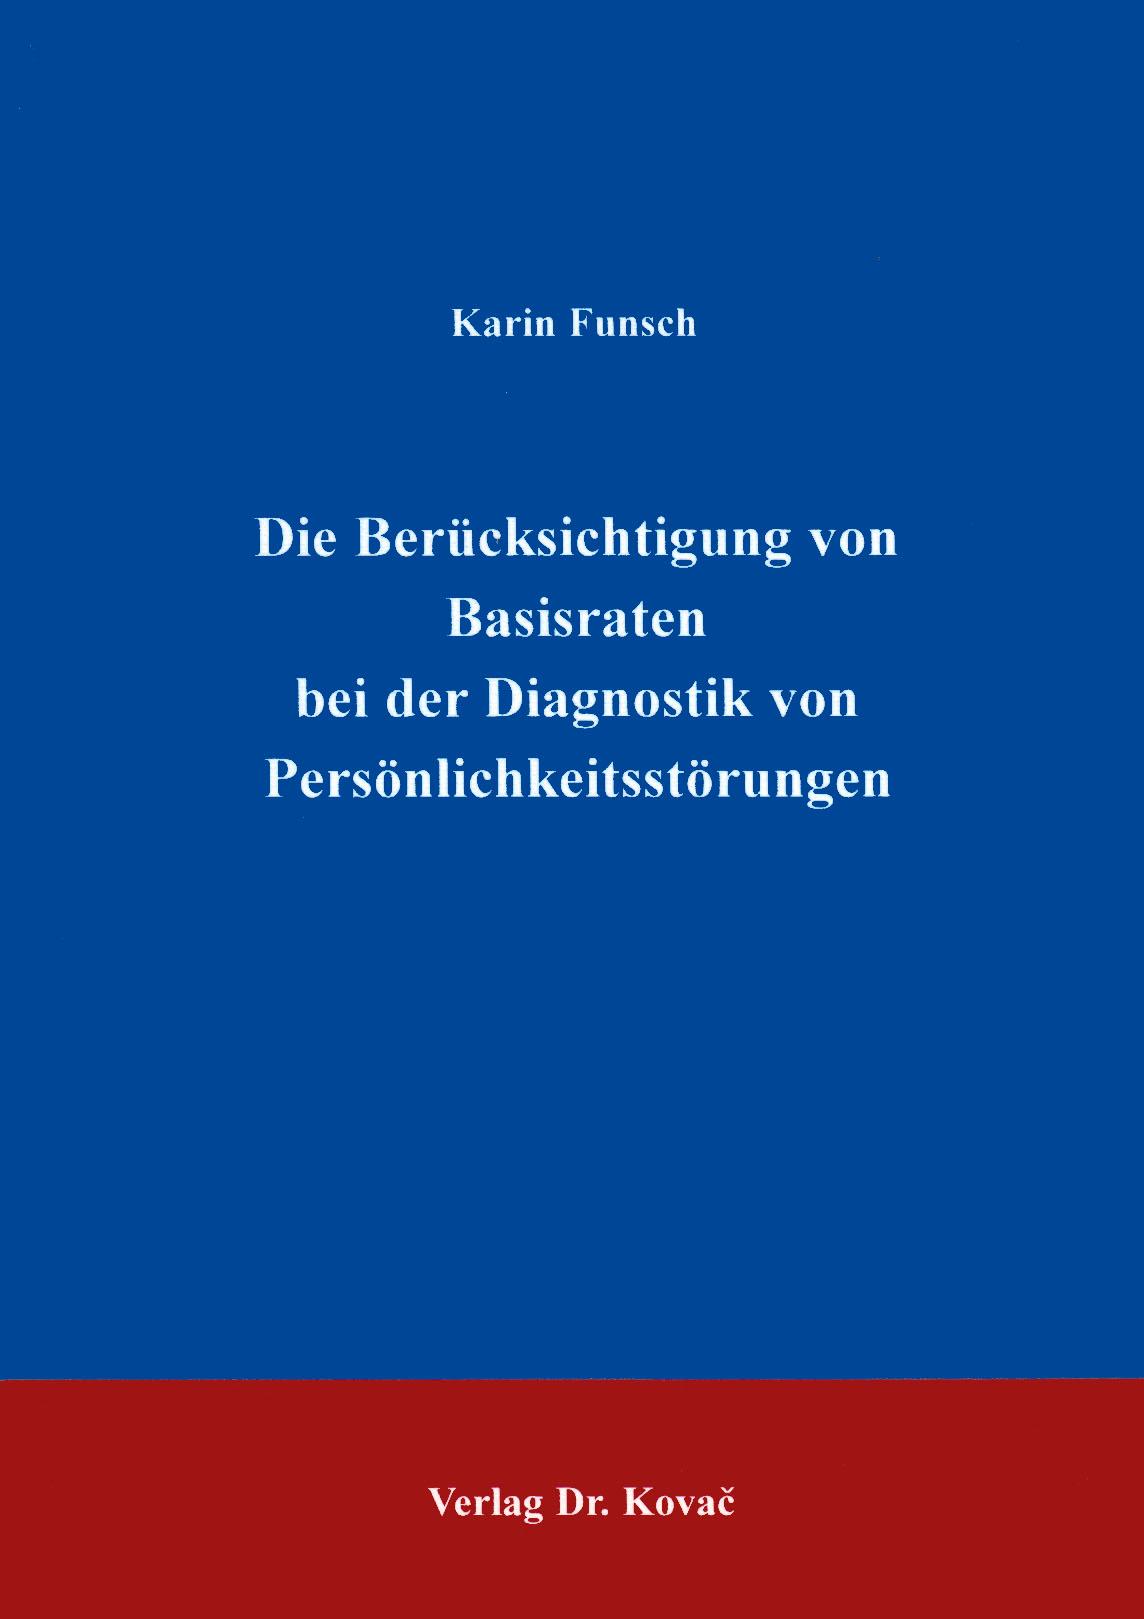 Cover: Die Berücksichtigung von Basisraten bei der Diagnostik von Persönlichkeitsstörungen